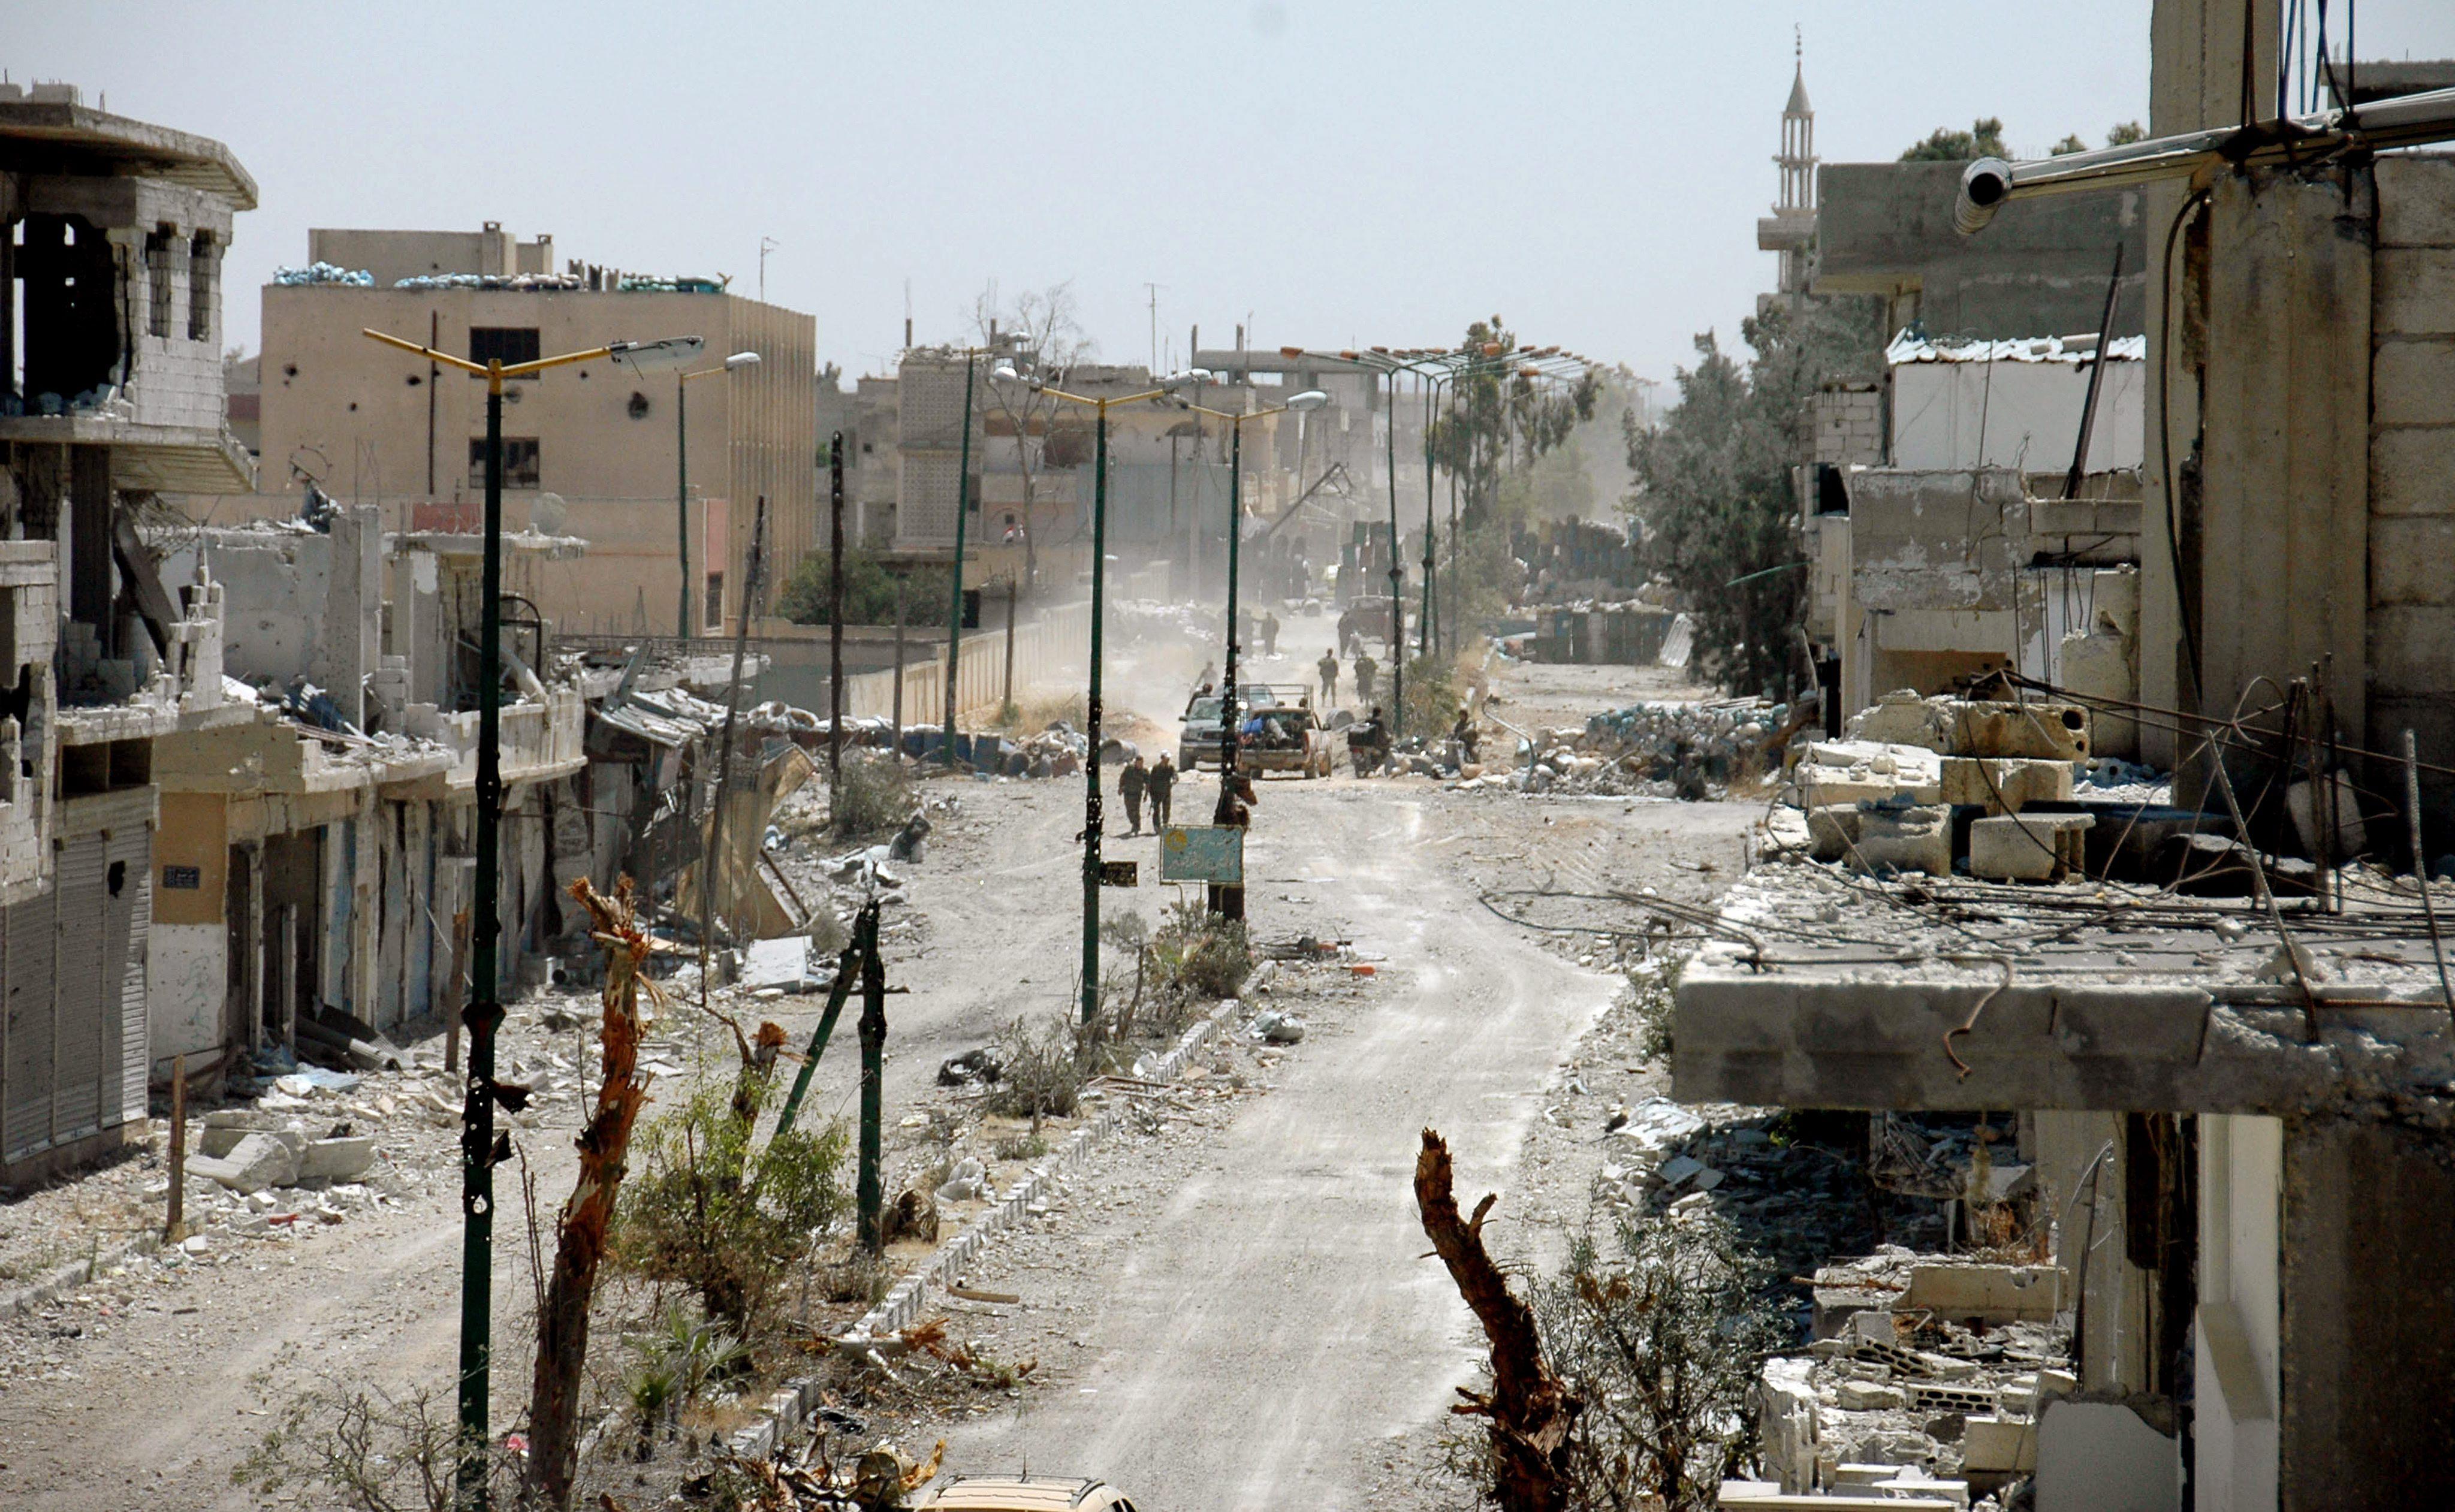 Al Assad podría desplegar armas químicas sobre civiles para recuperar Homs